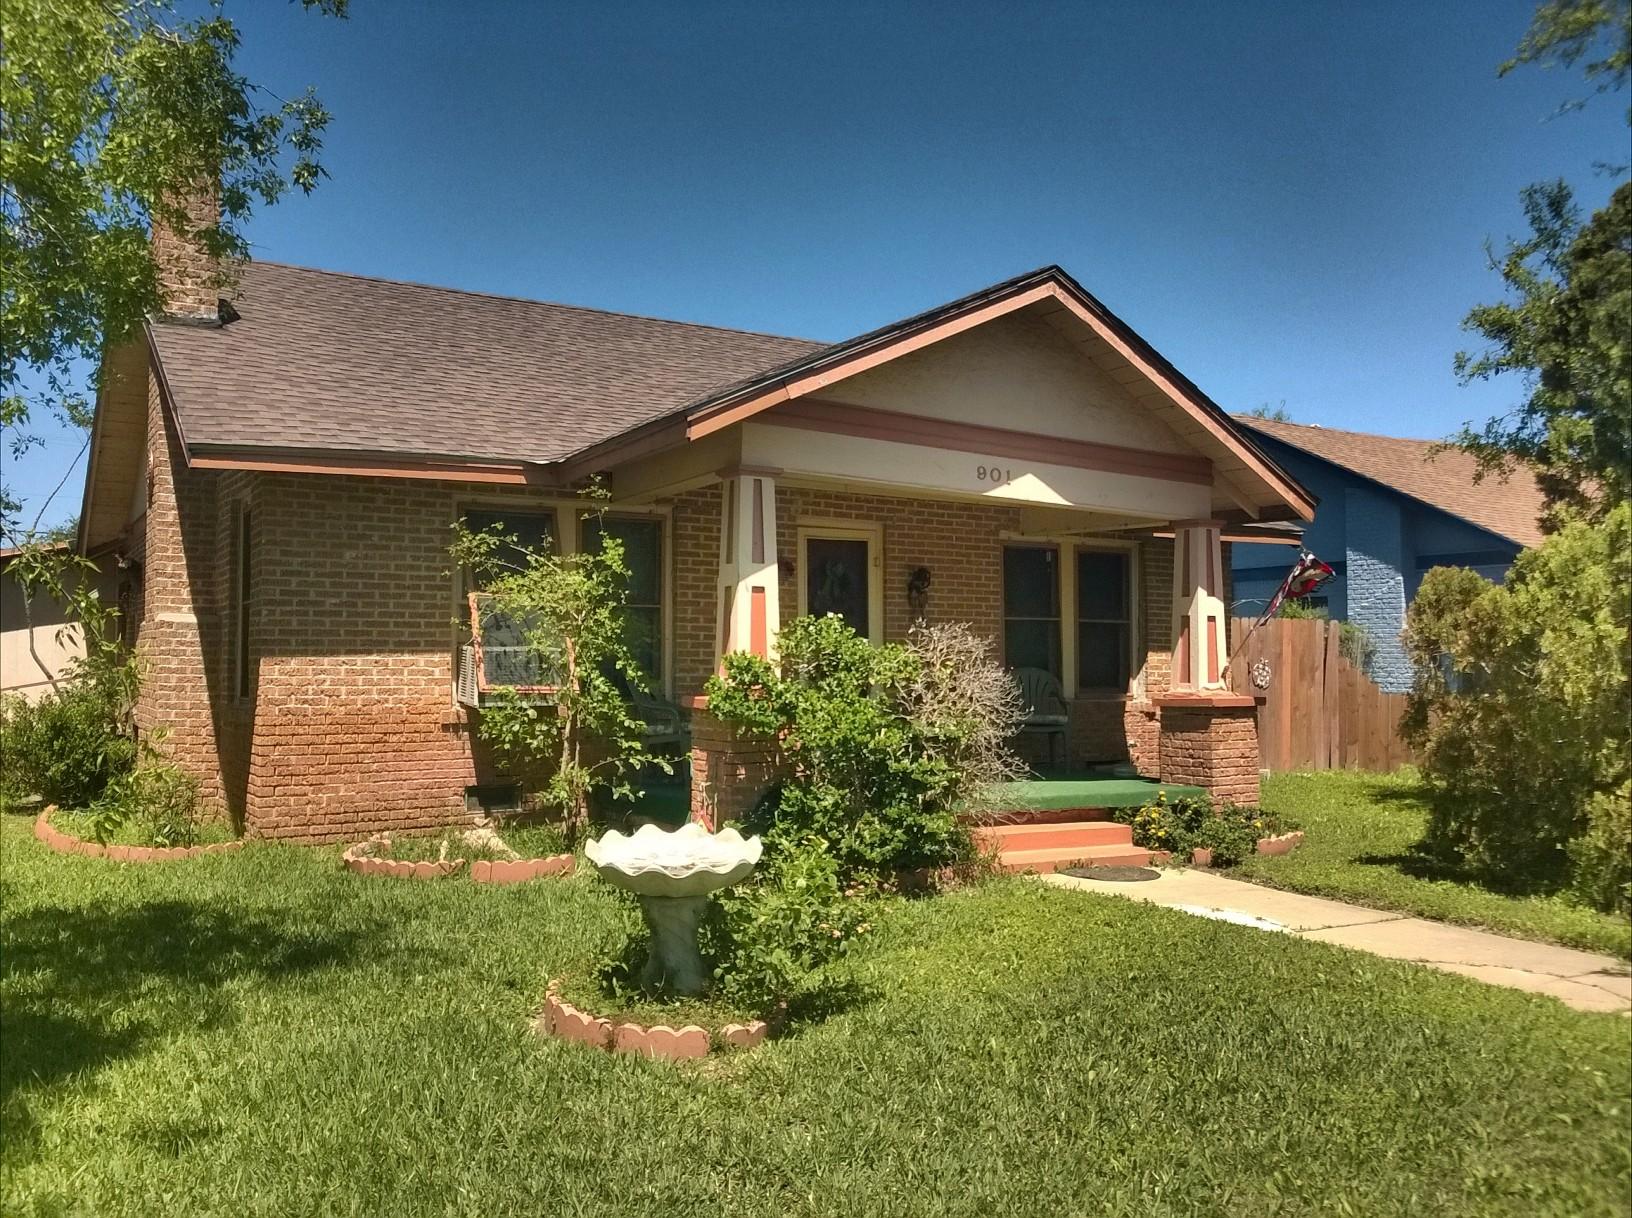 901 E Polk St Harlingen, Texas 78501